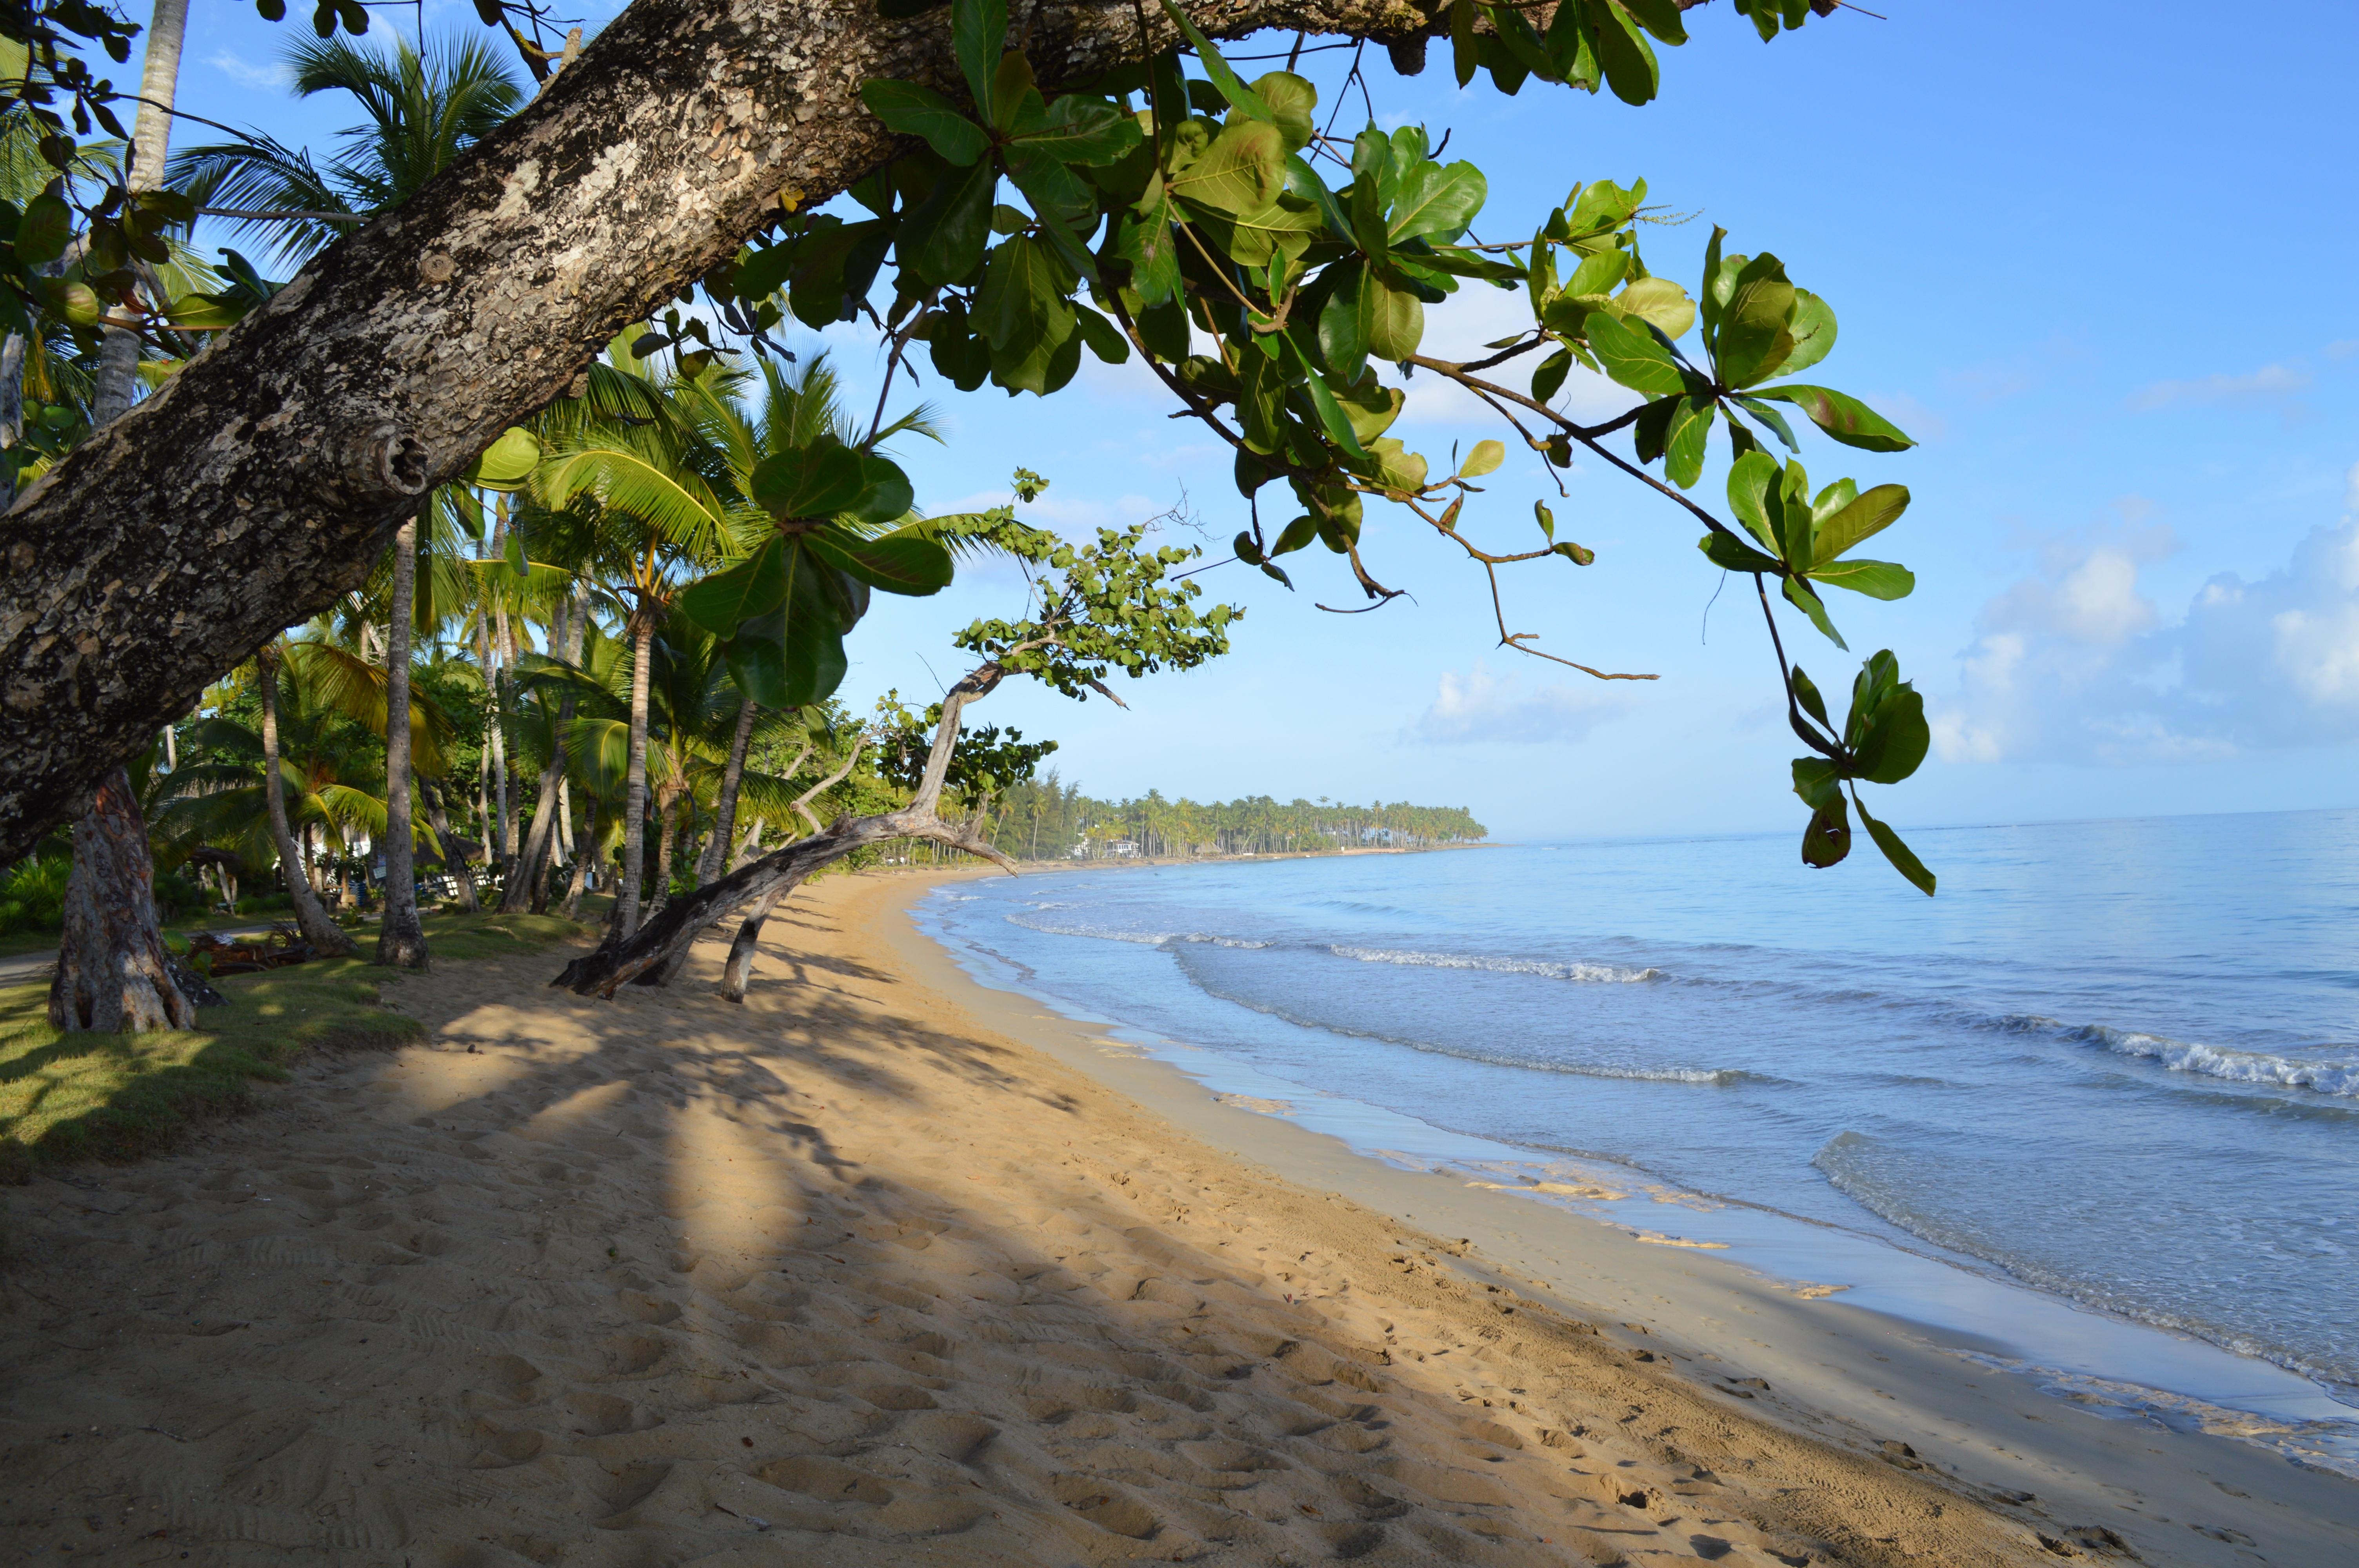 85 Gambar Pohon Anggur Laut HD